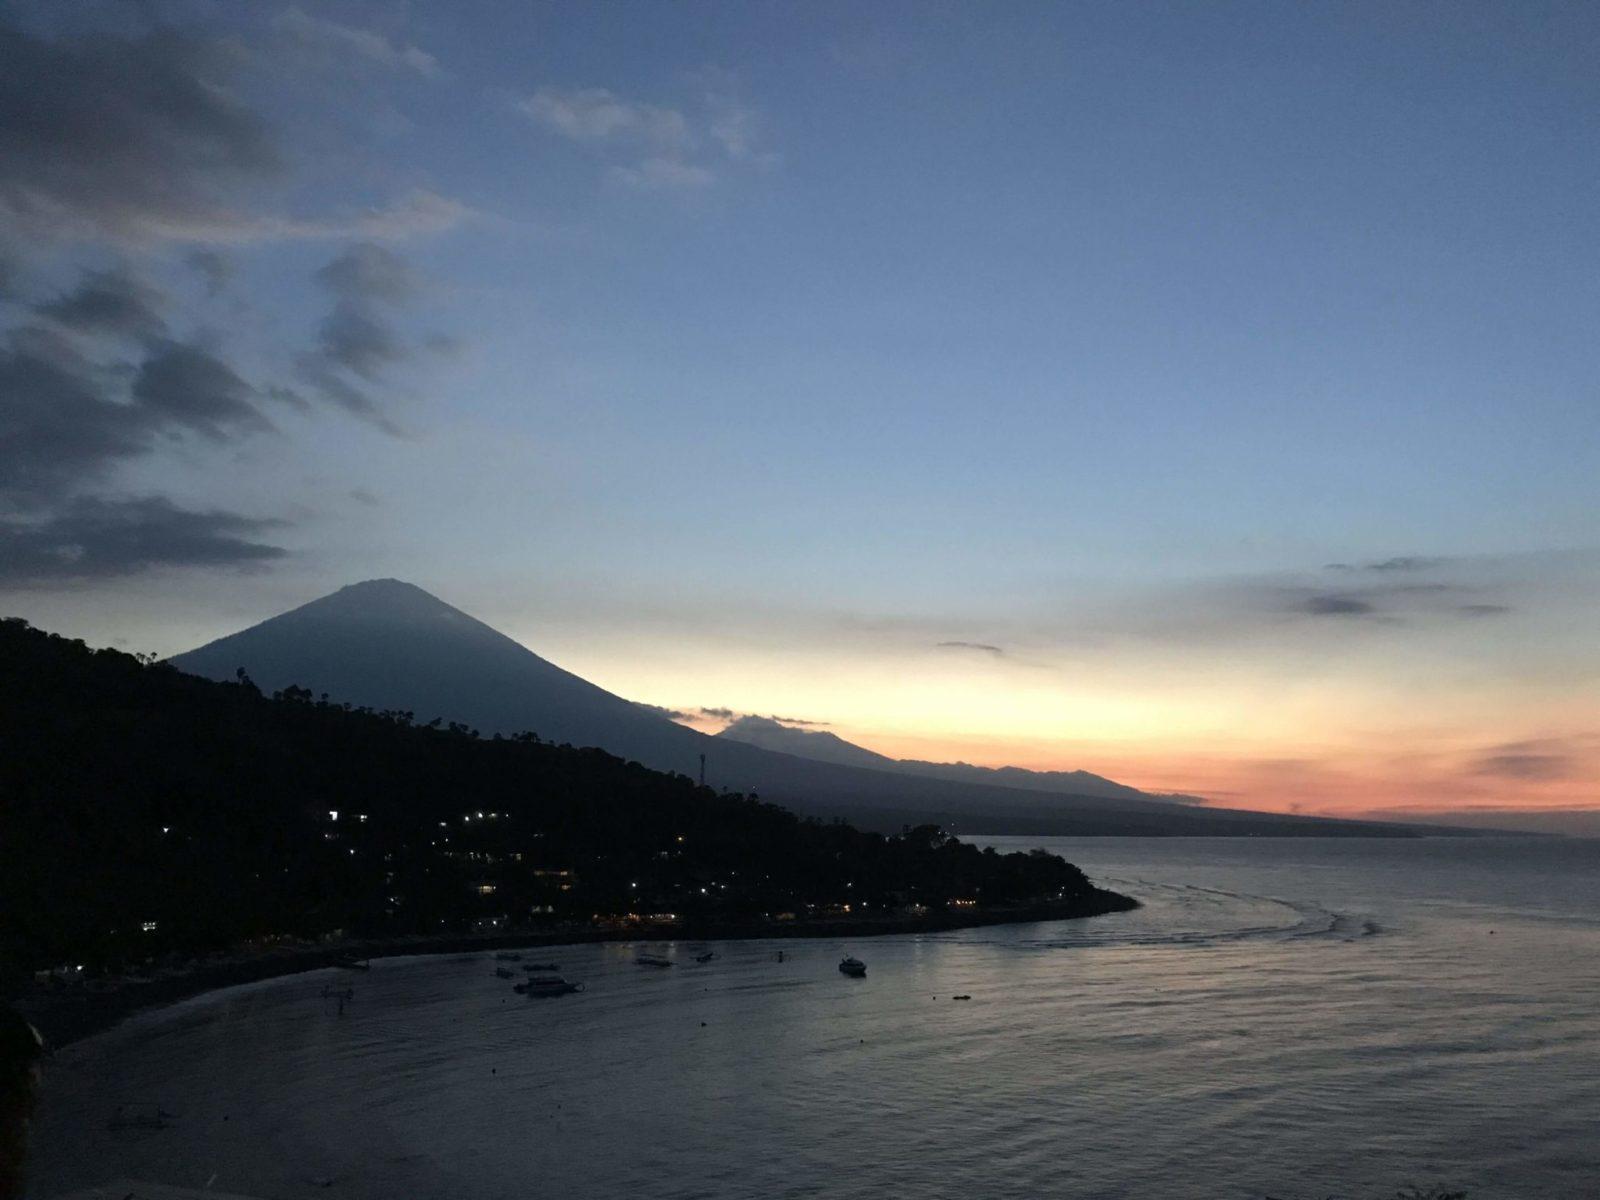 Amed (Bali) : sérénité et fonds marins